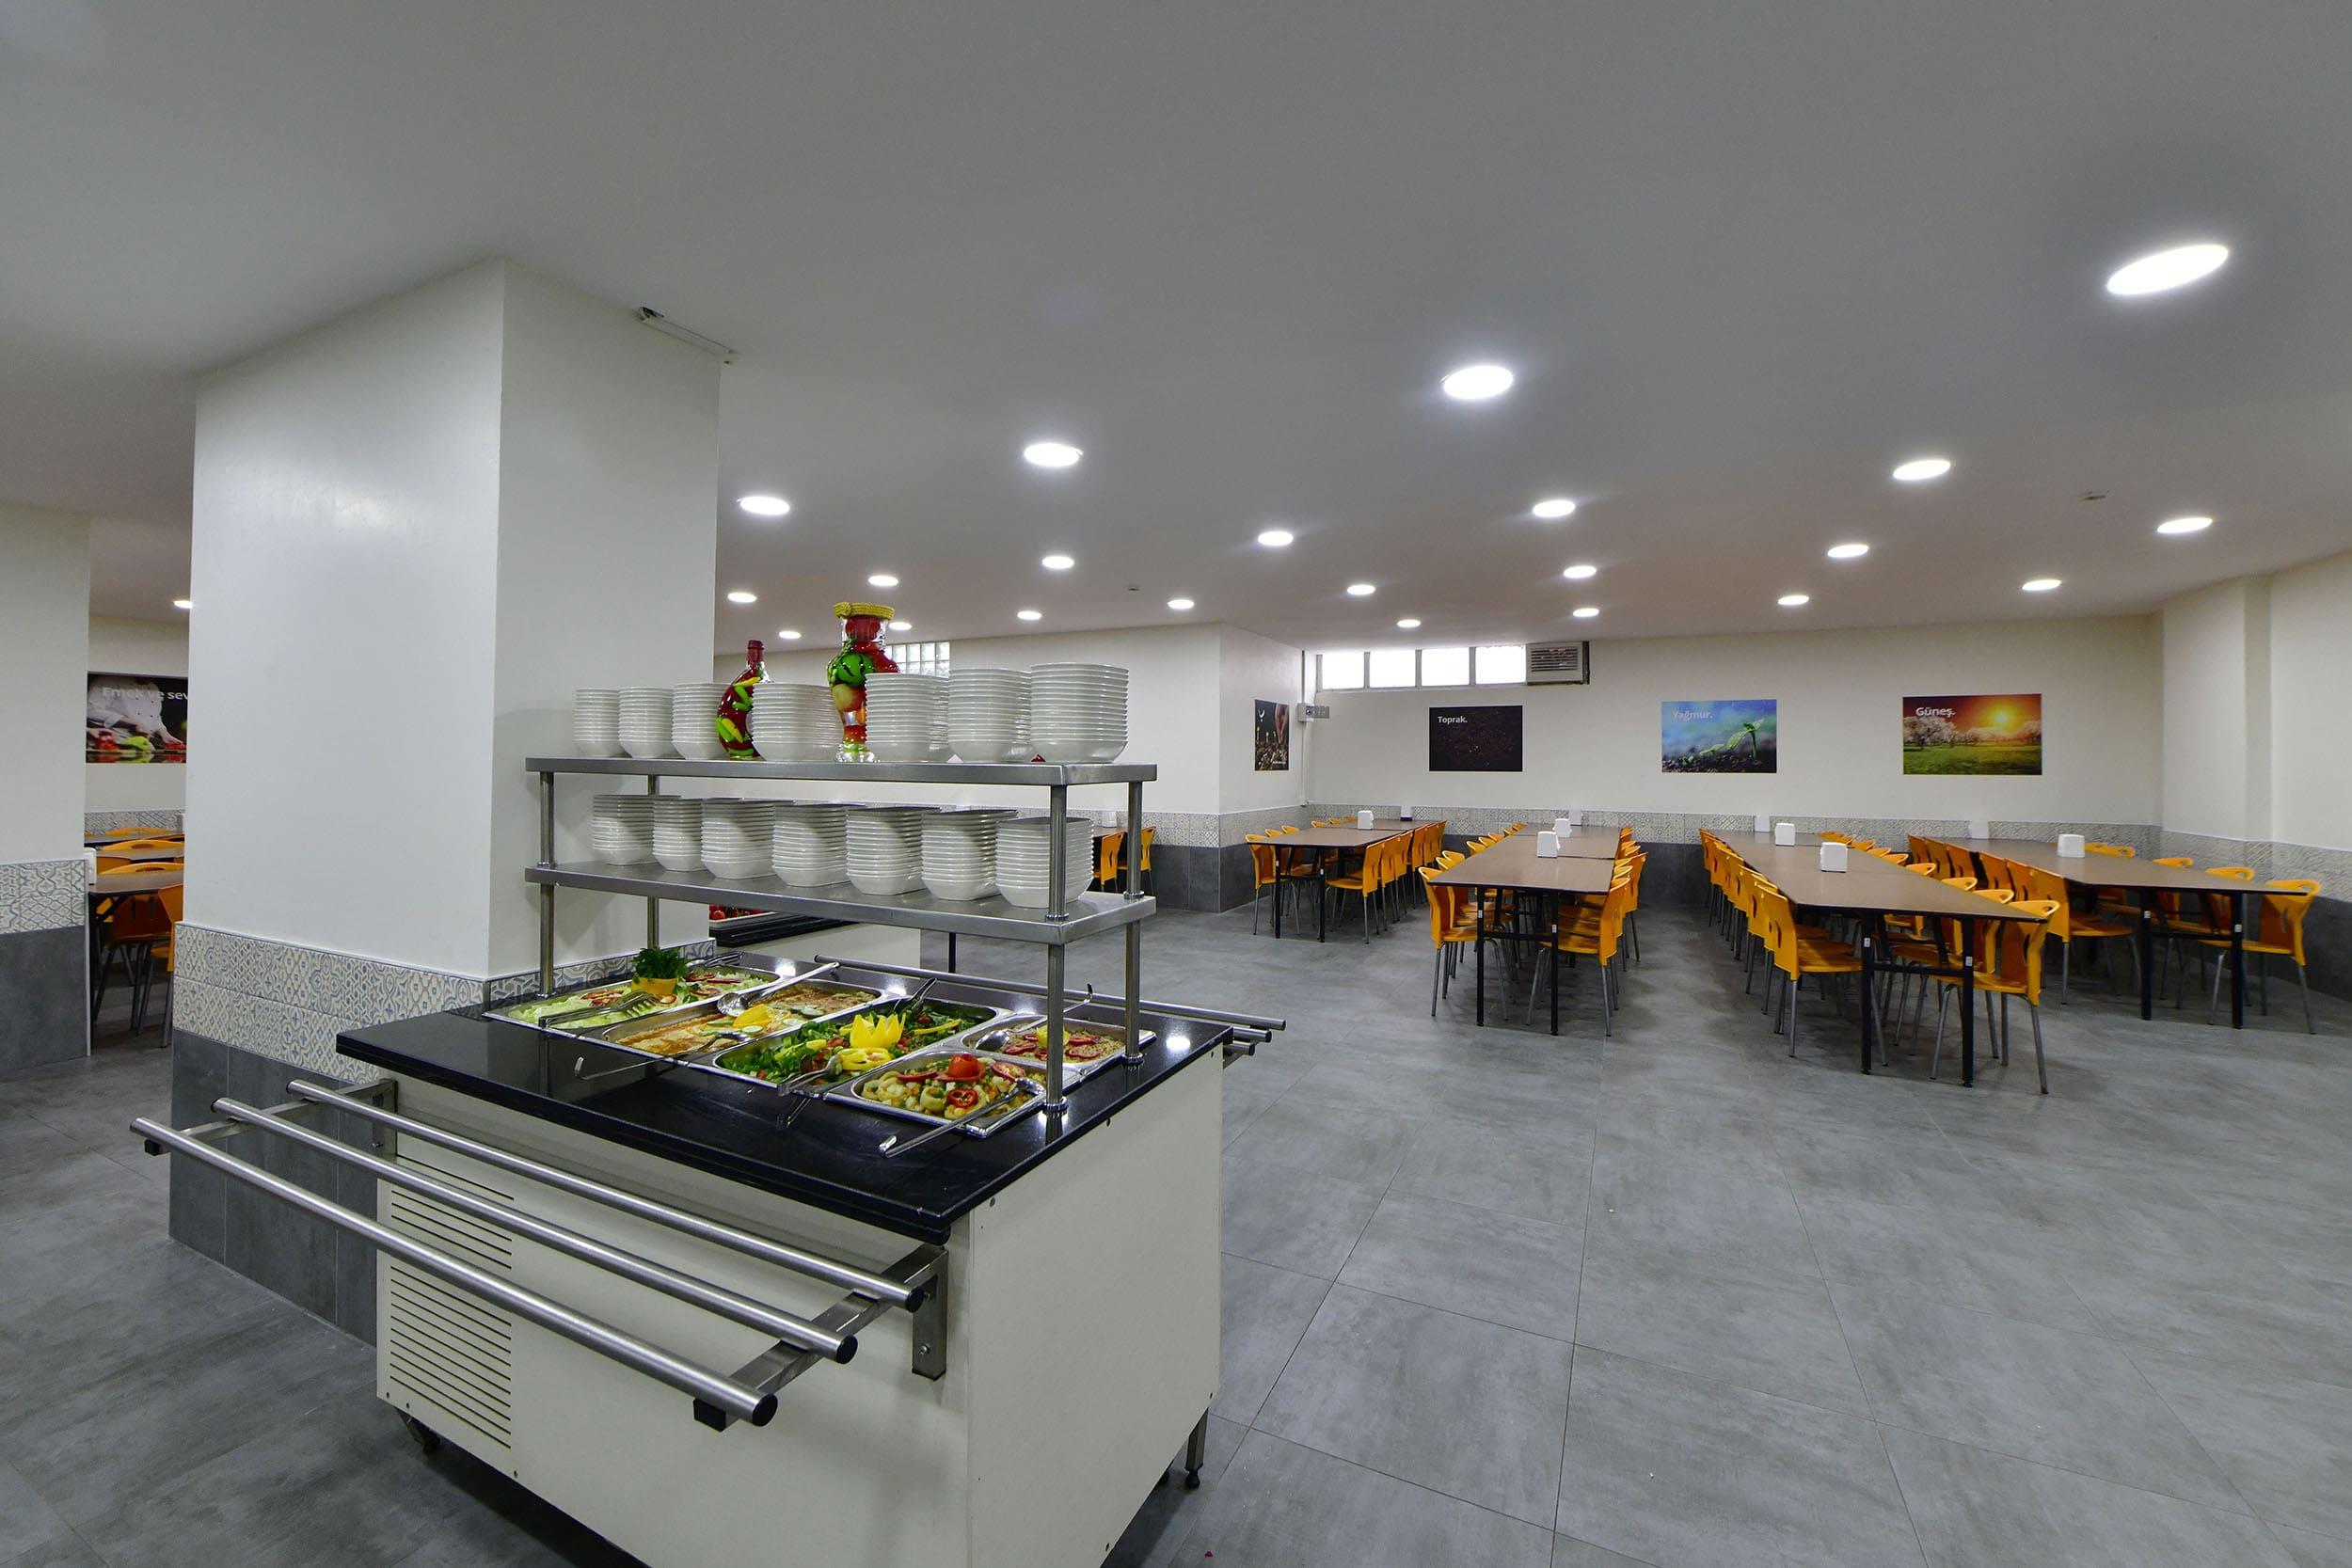 Asfa Eğitim Destek Hizmetleri Yemek Galeri 05